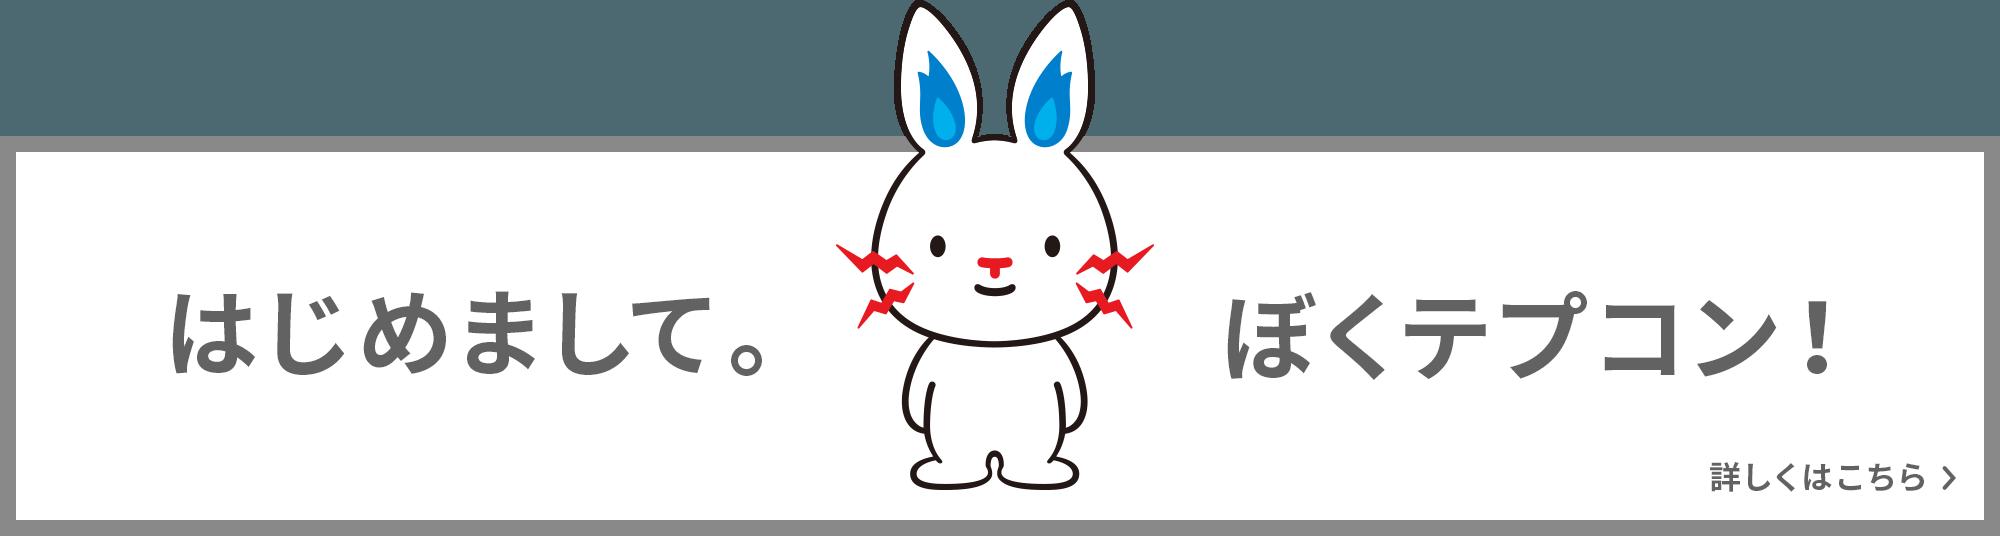 東京 電力 引っ越し 電話